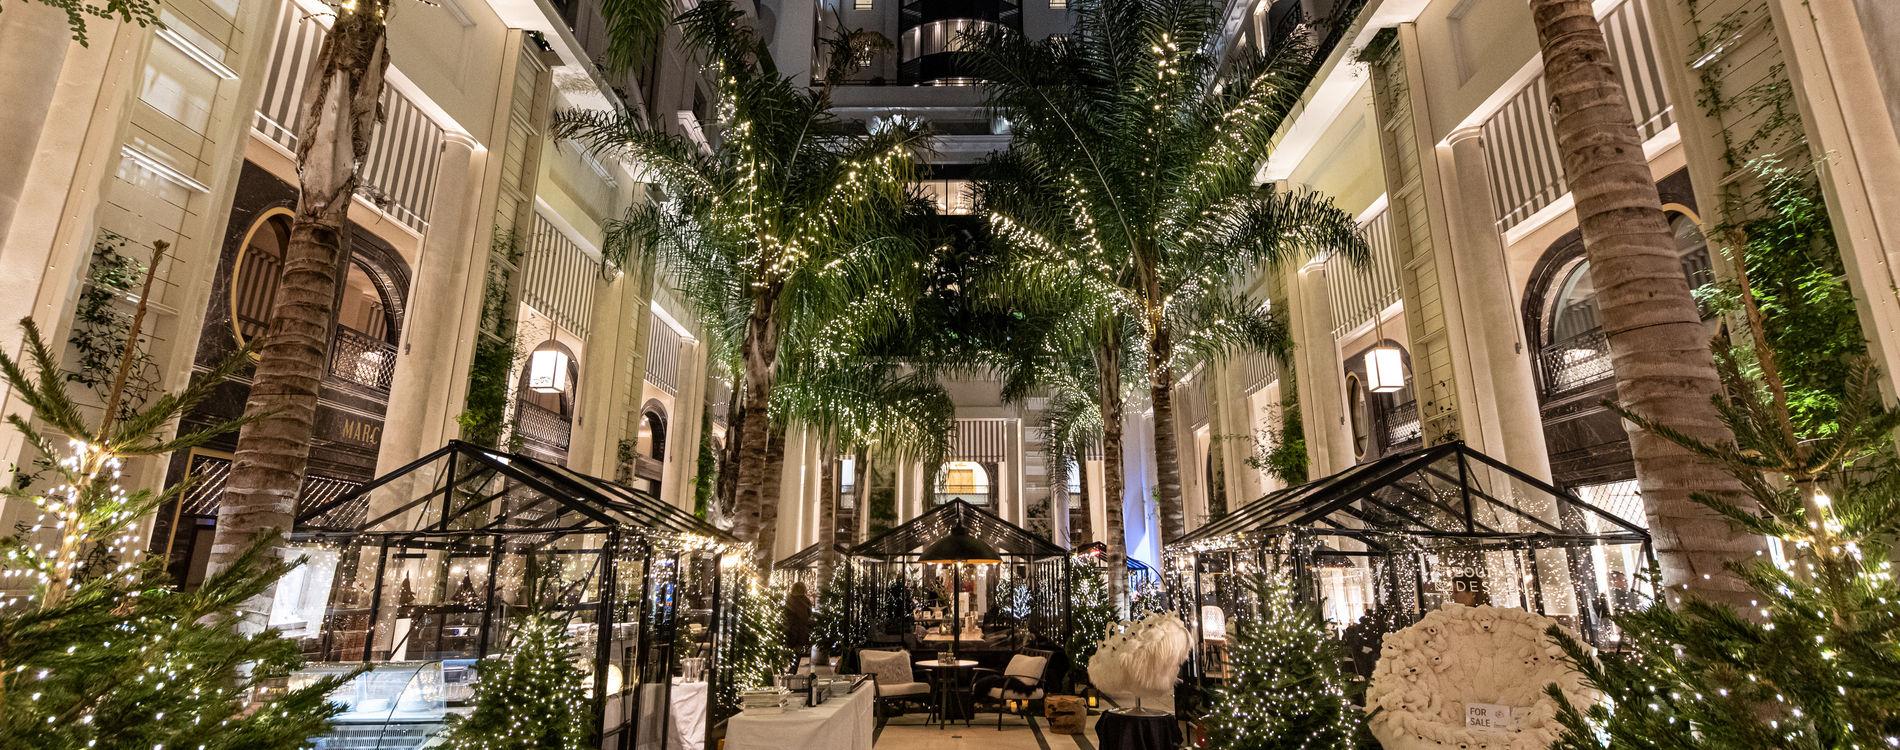 Hôtel de Paris - Patio - Décorations Fêtes de Fin d'Année 2019